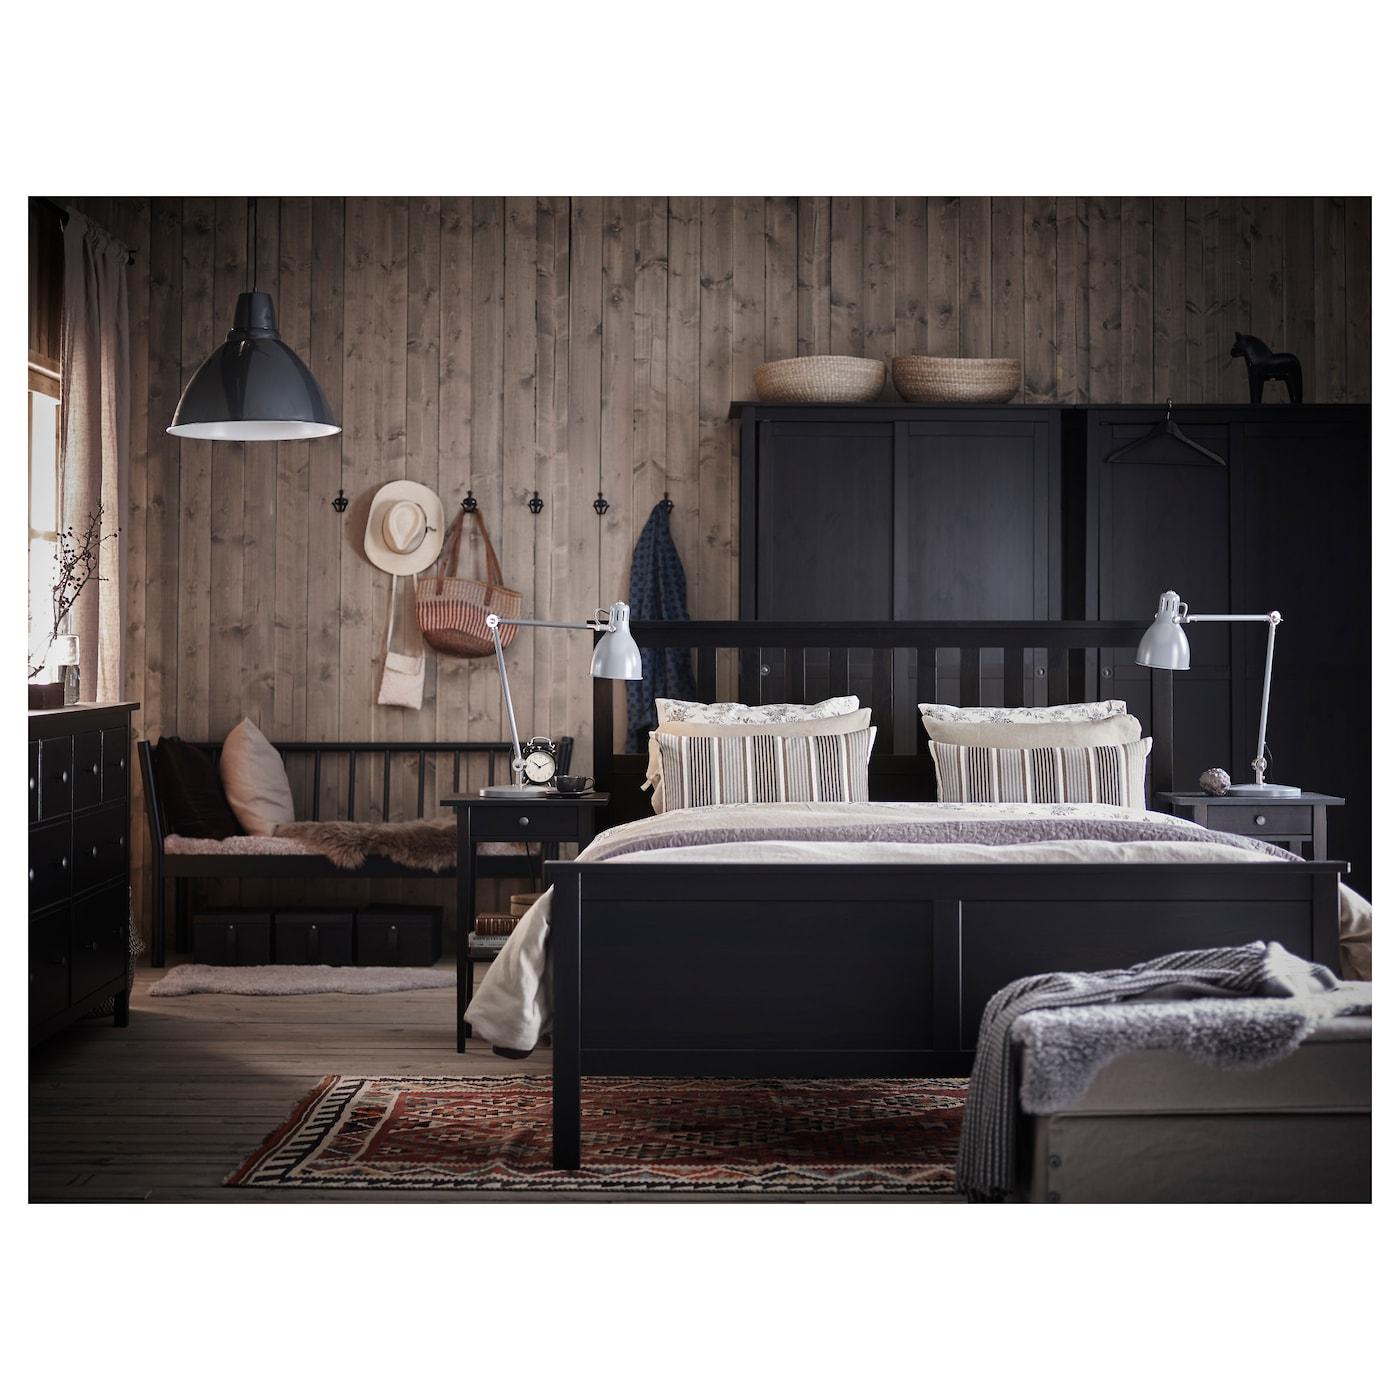 hemnes bed frame black brown leirsund 140x200 cm ikea. Black Bedroom Furniture Sets. Home Design Ideas